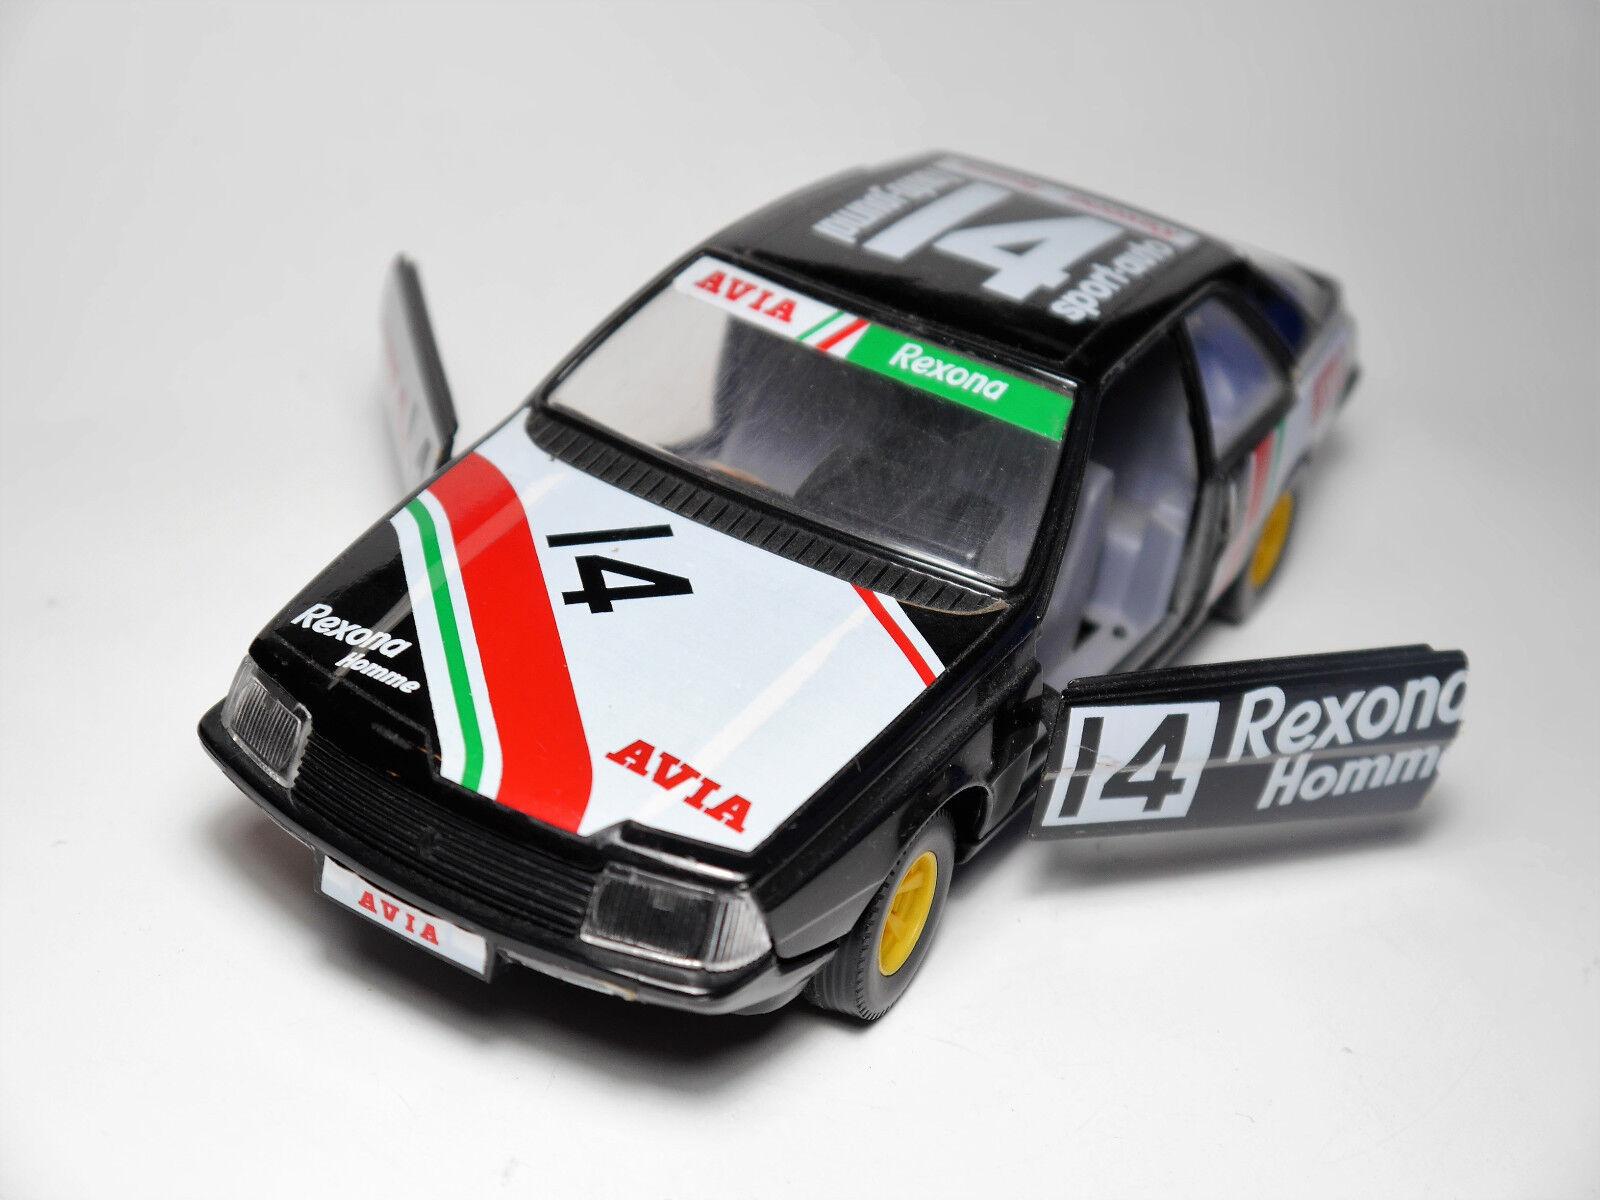 Renault Fuego rally rallye racing car  AVIA REXONA homme   14, Bburago en 1 24